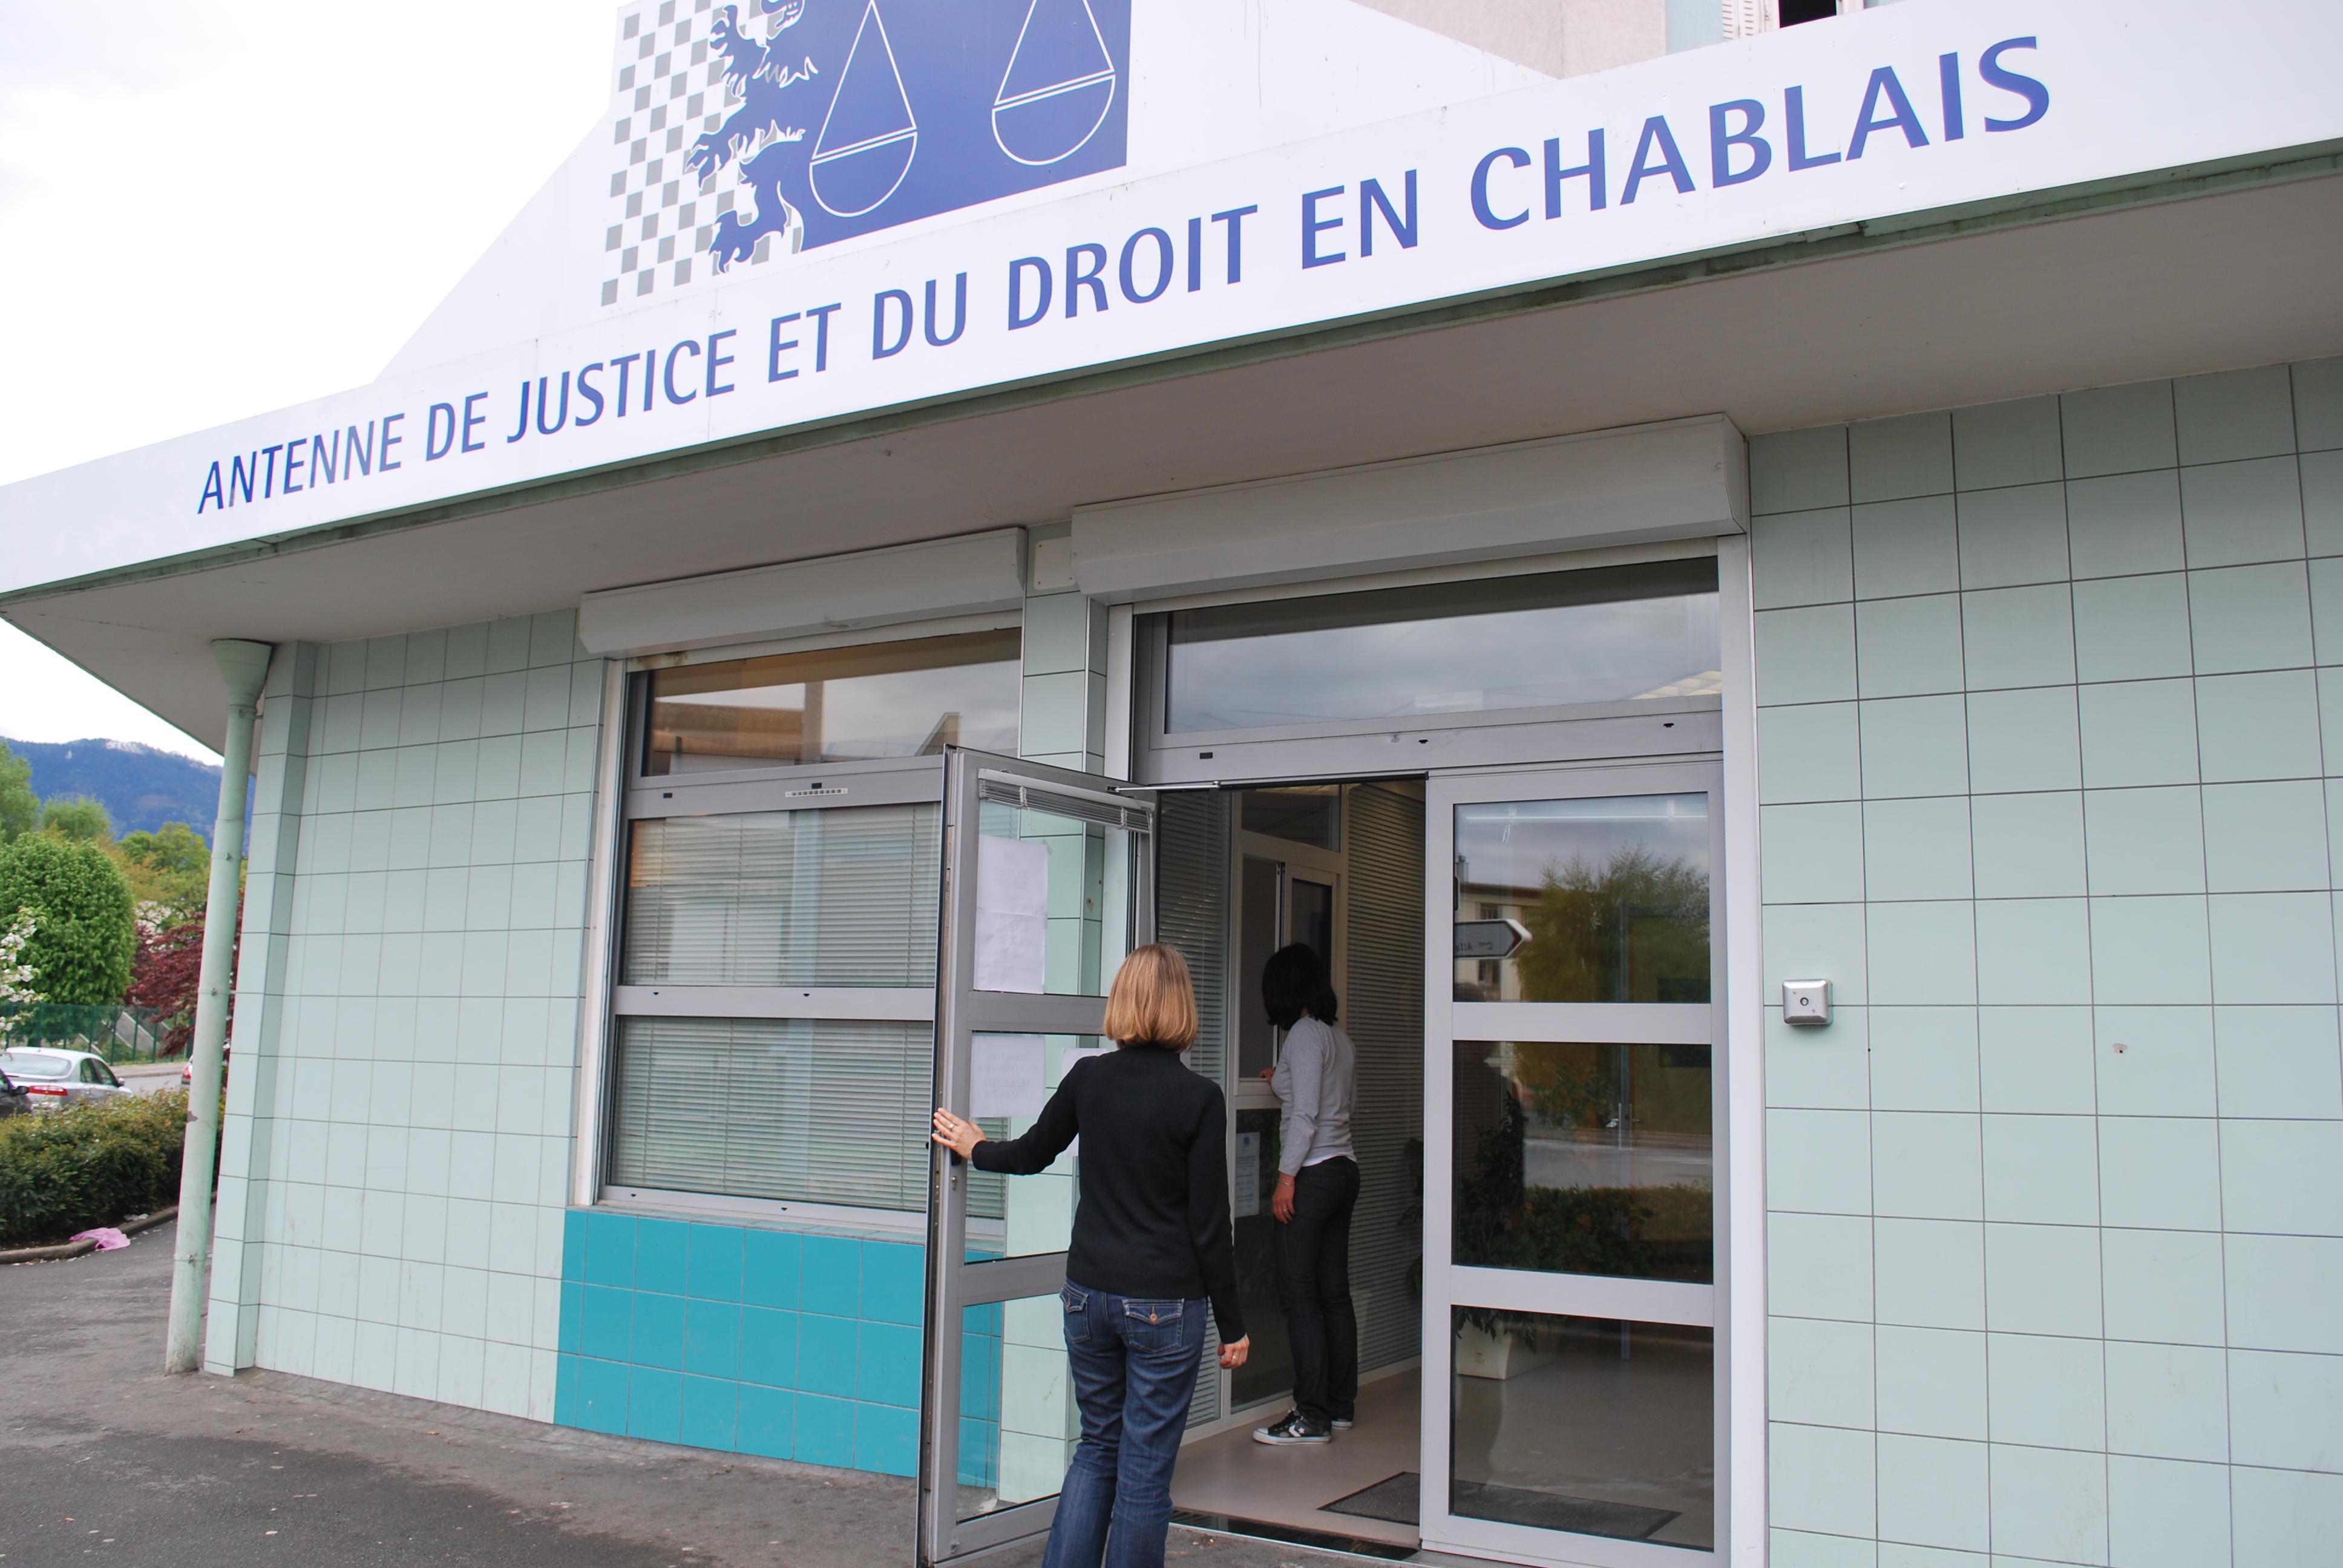 Image de couverture - Antenne de Justice et de Droit